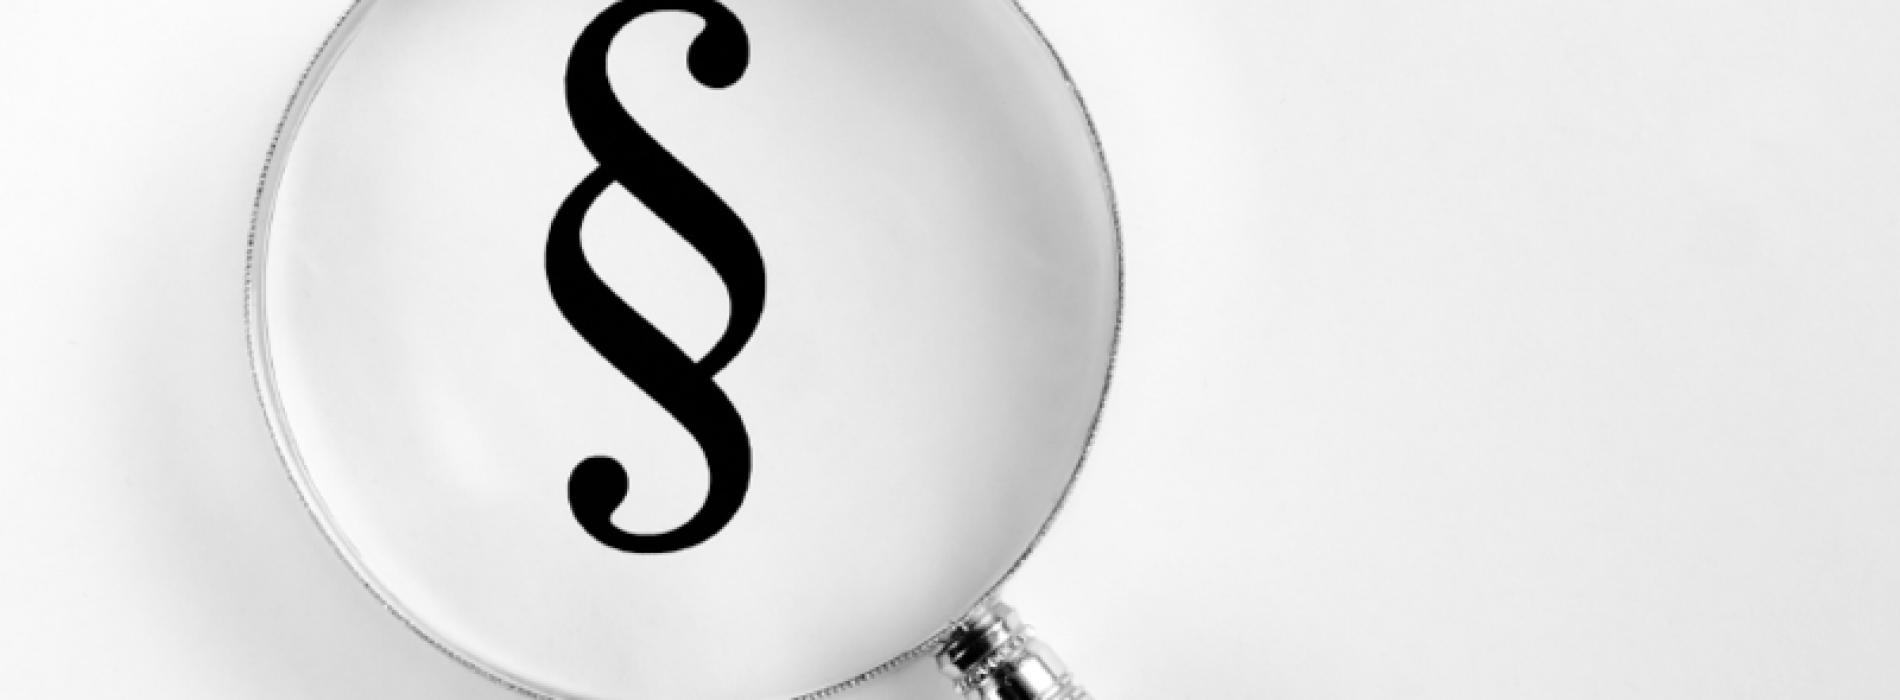 W grudniu zmienią się regulacje dotyczące reklamacji